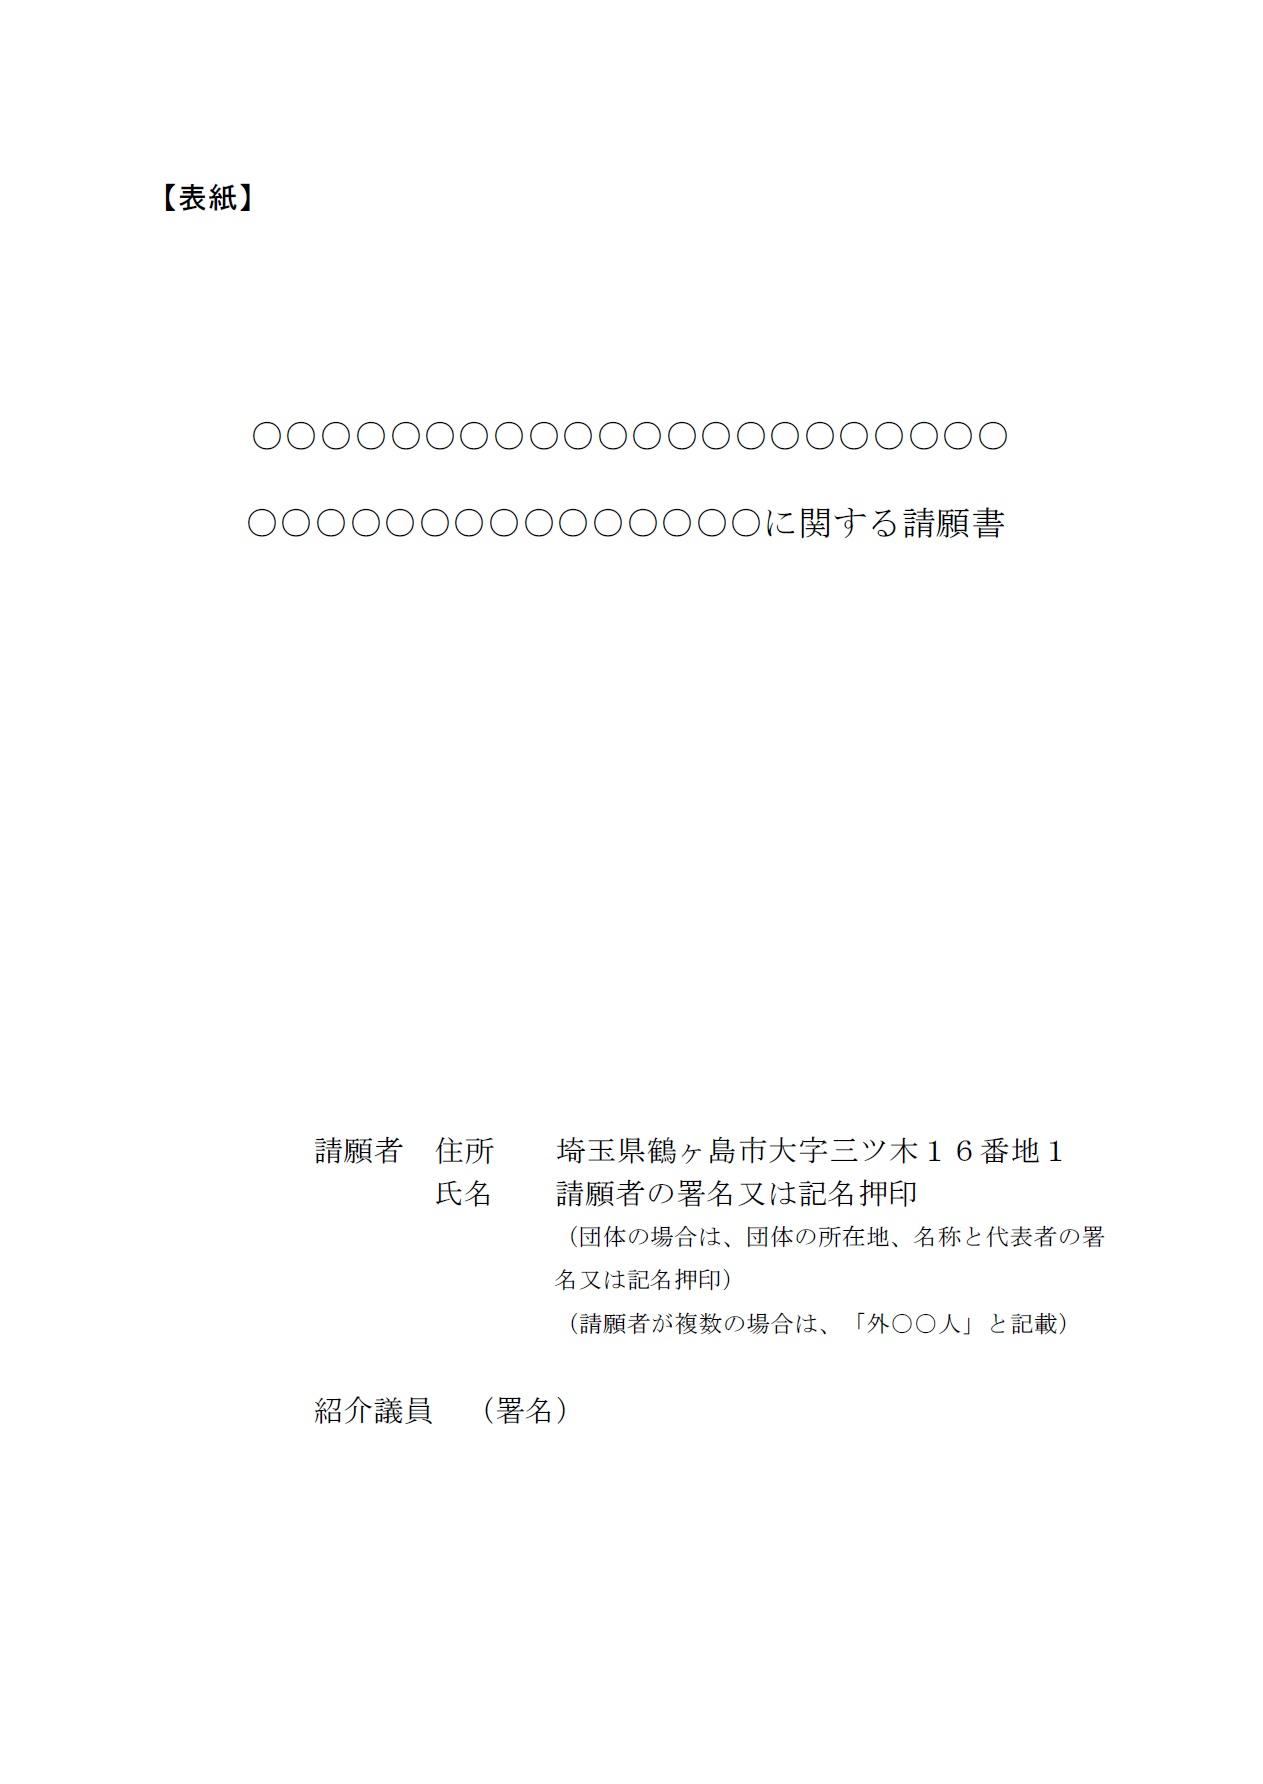 『『請願書書式例(署名簿』の画像』の画像